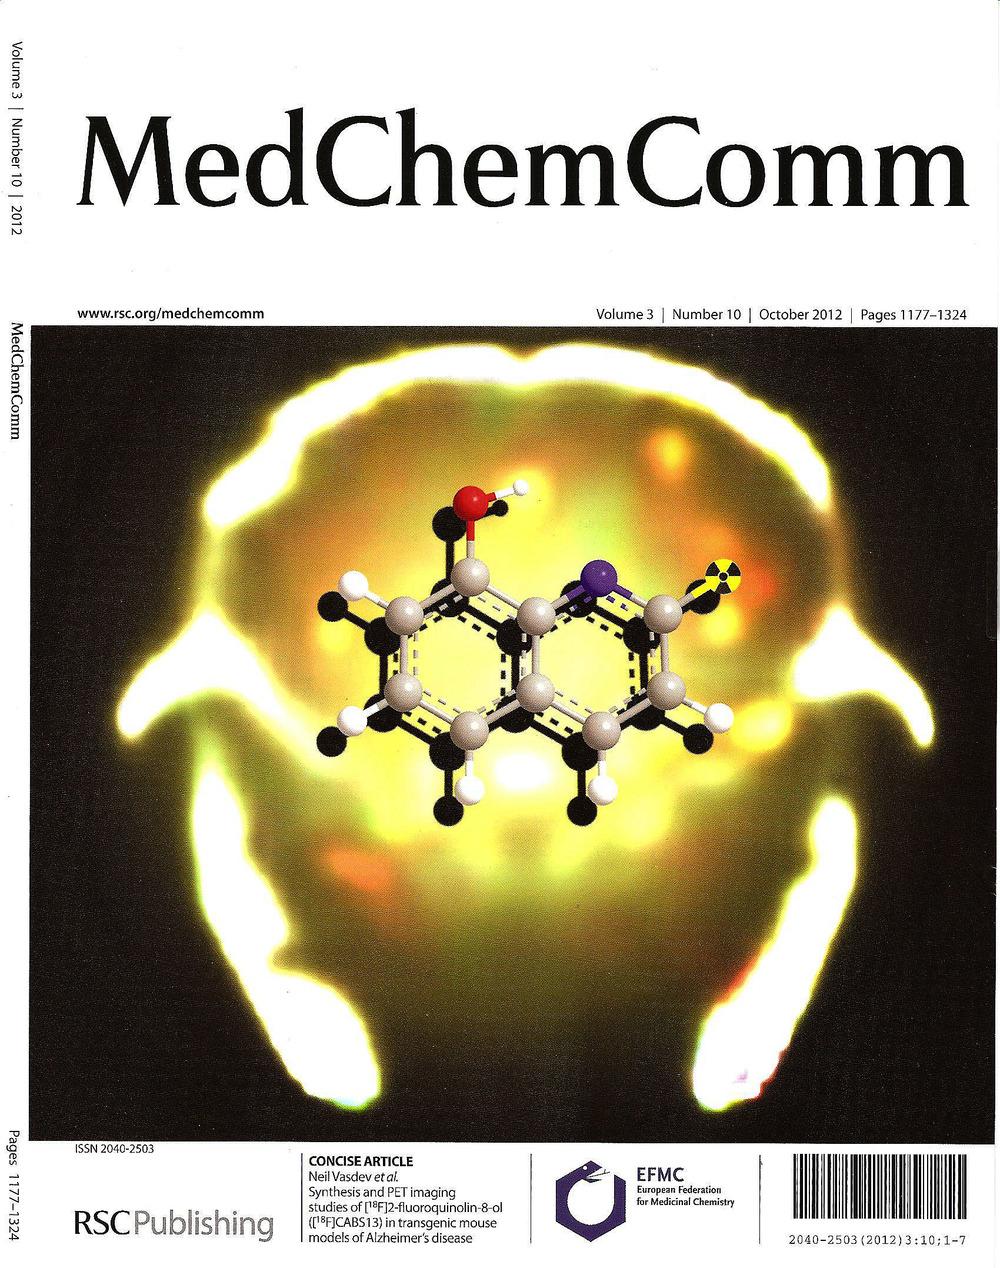 MEDCHEMCOM_Cover.jpg